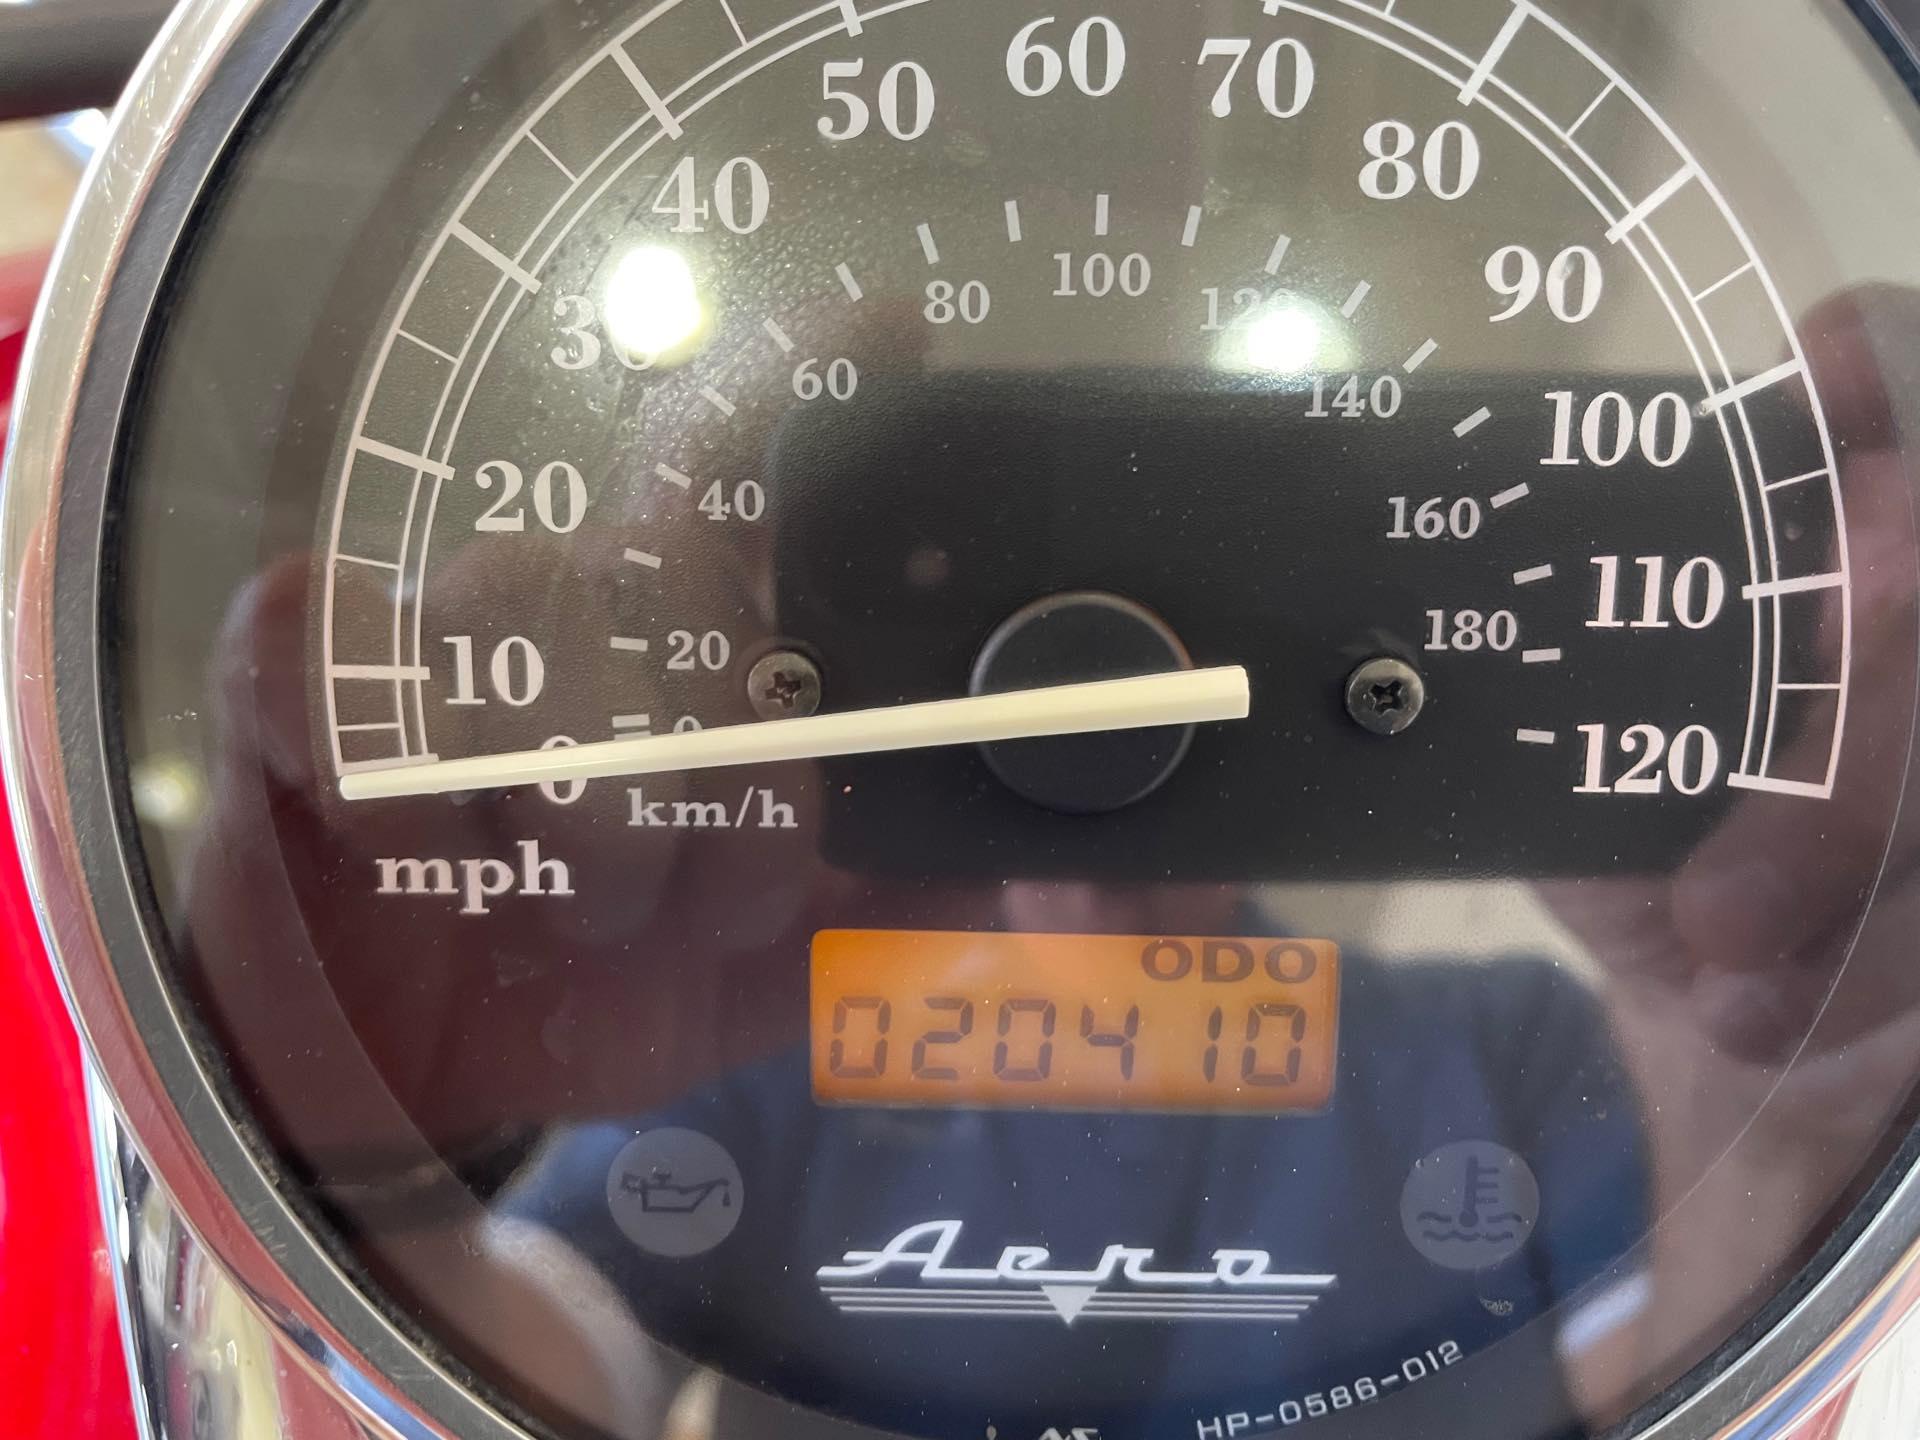 2008 Honda Shadow Aero at Twisted Cycles